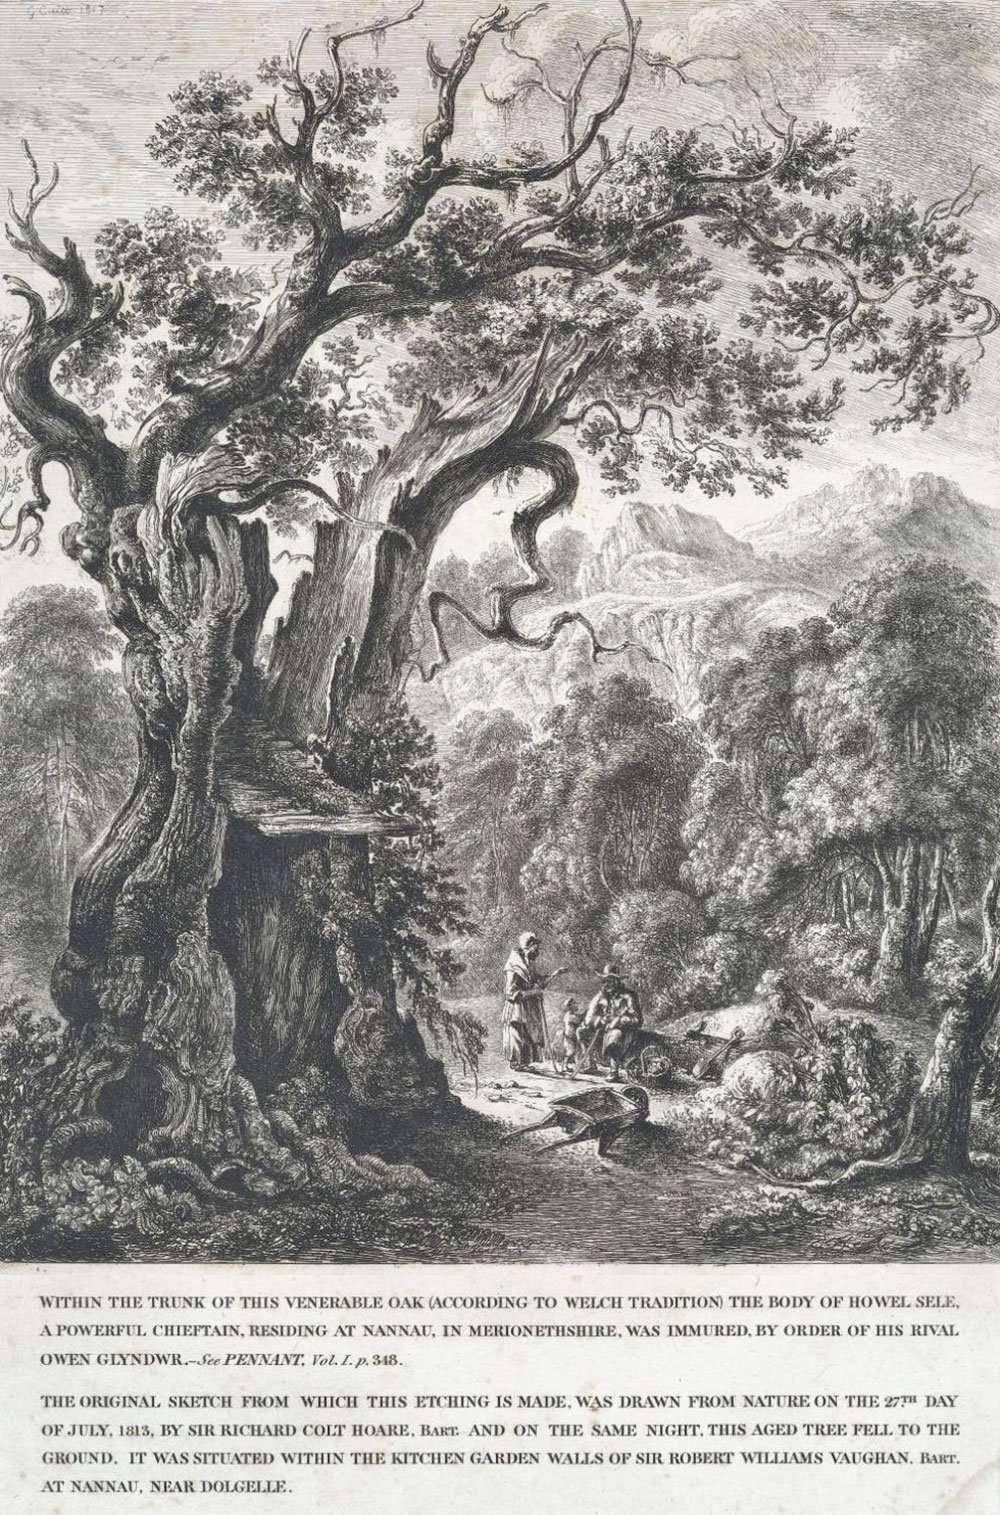 Derwen Ceubren yr Ellyll Print from the 1813 Sketch by Sir Richard Colt Hoare